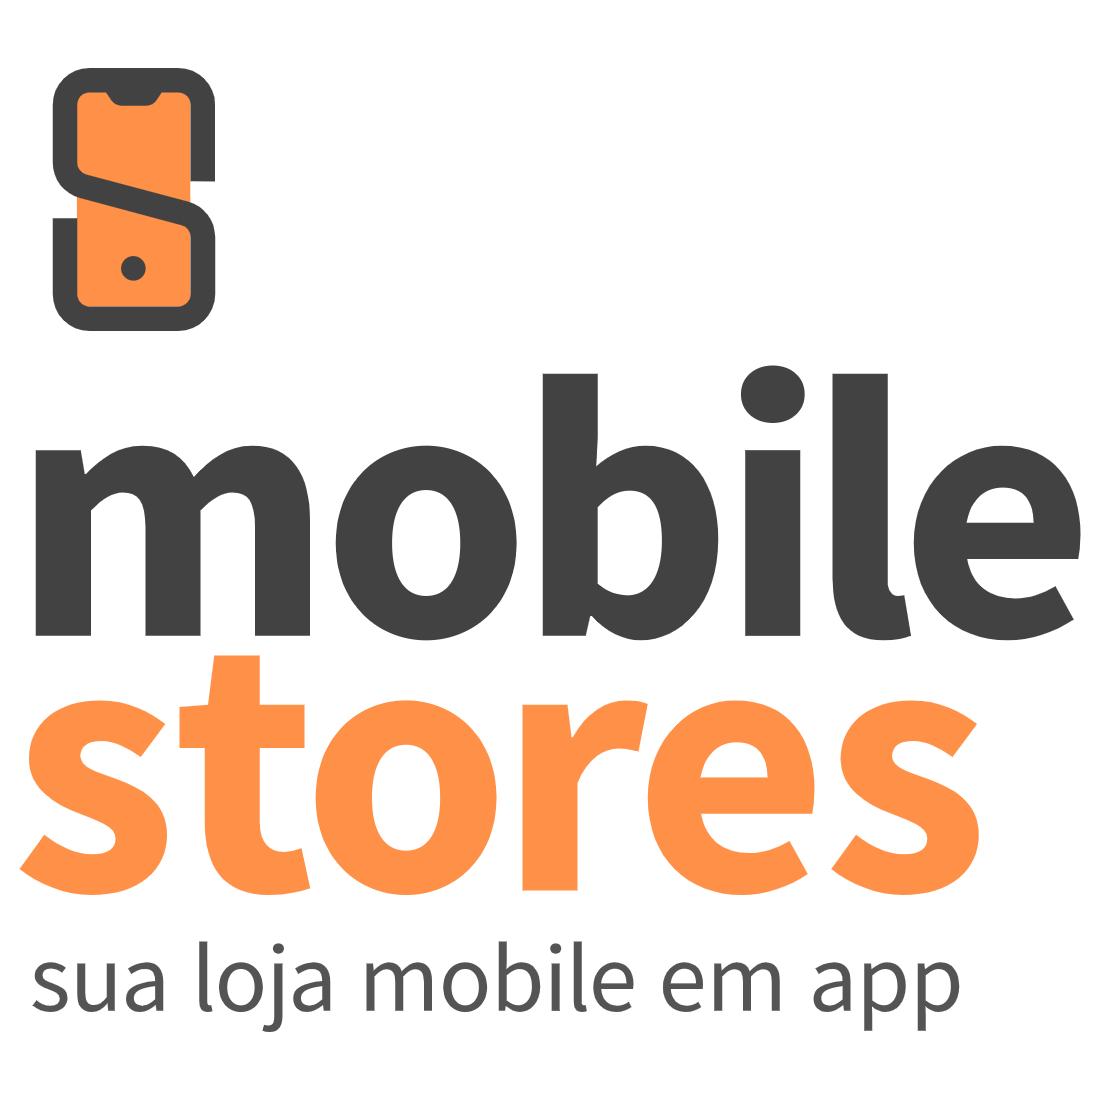 Logo Mobile Stores - Aplicativo Mobile